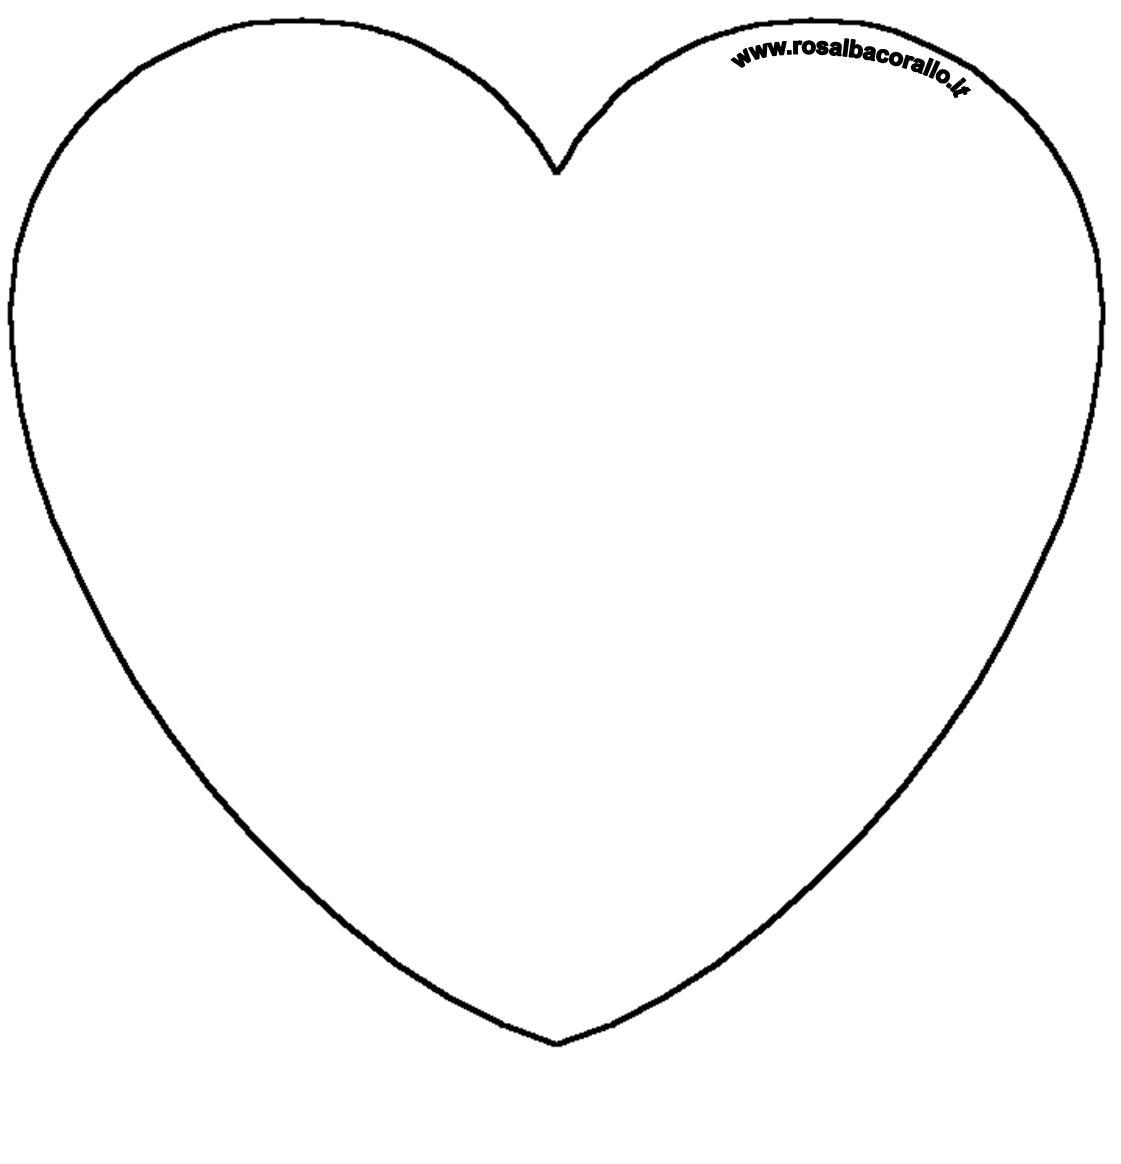 Super disegni di cuore da colorare px63 pineglen for Disegni di cuori da stampare gratis